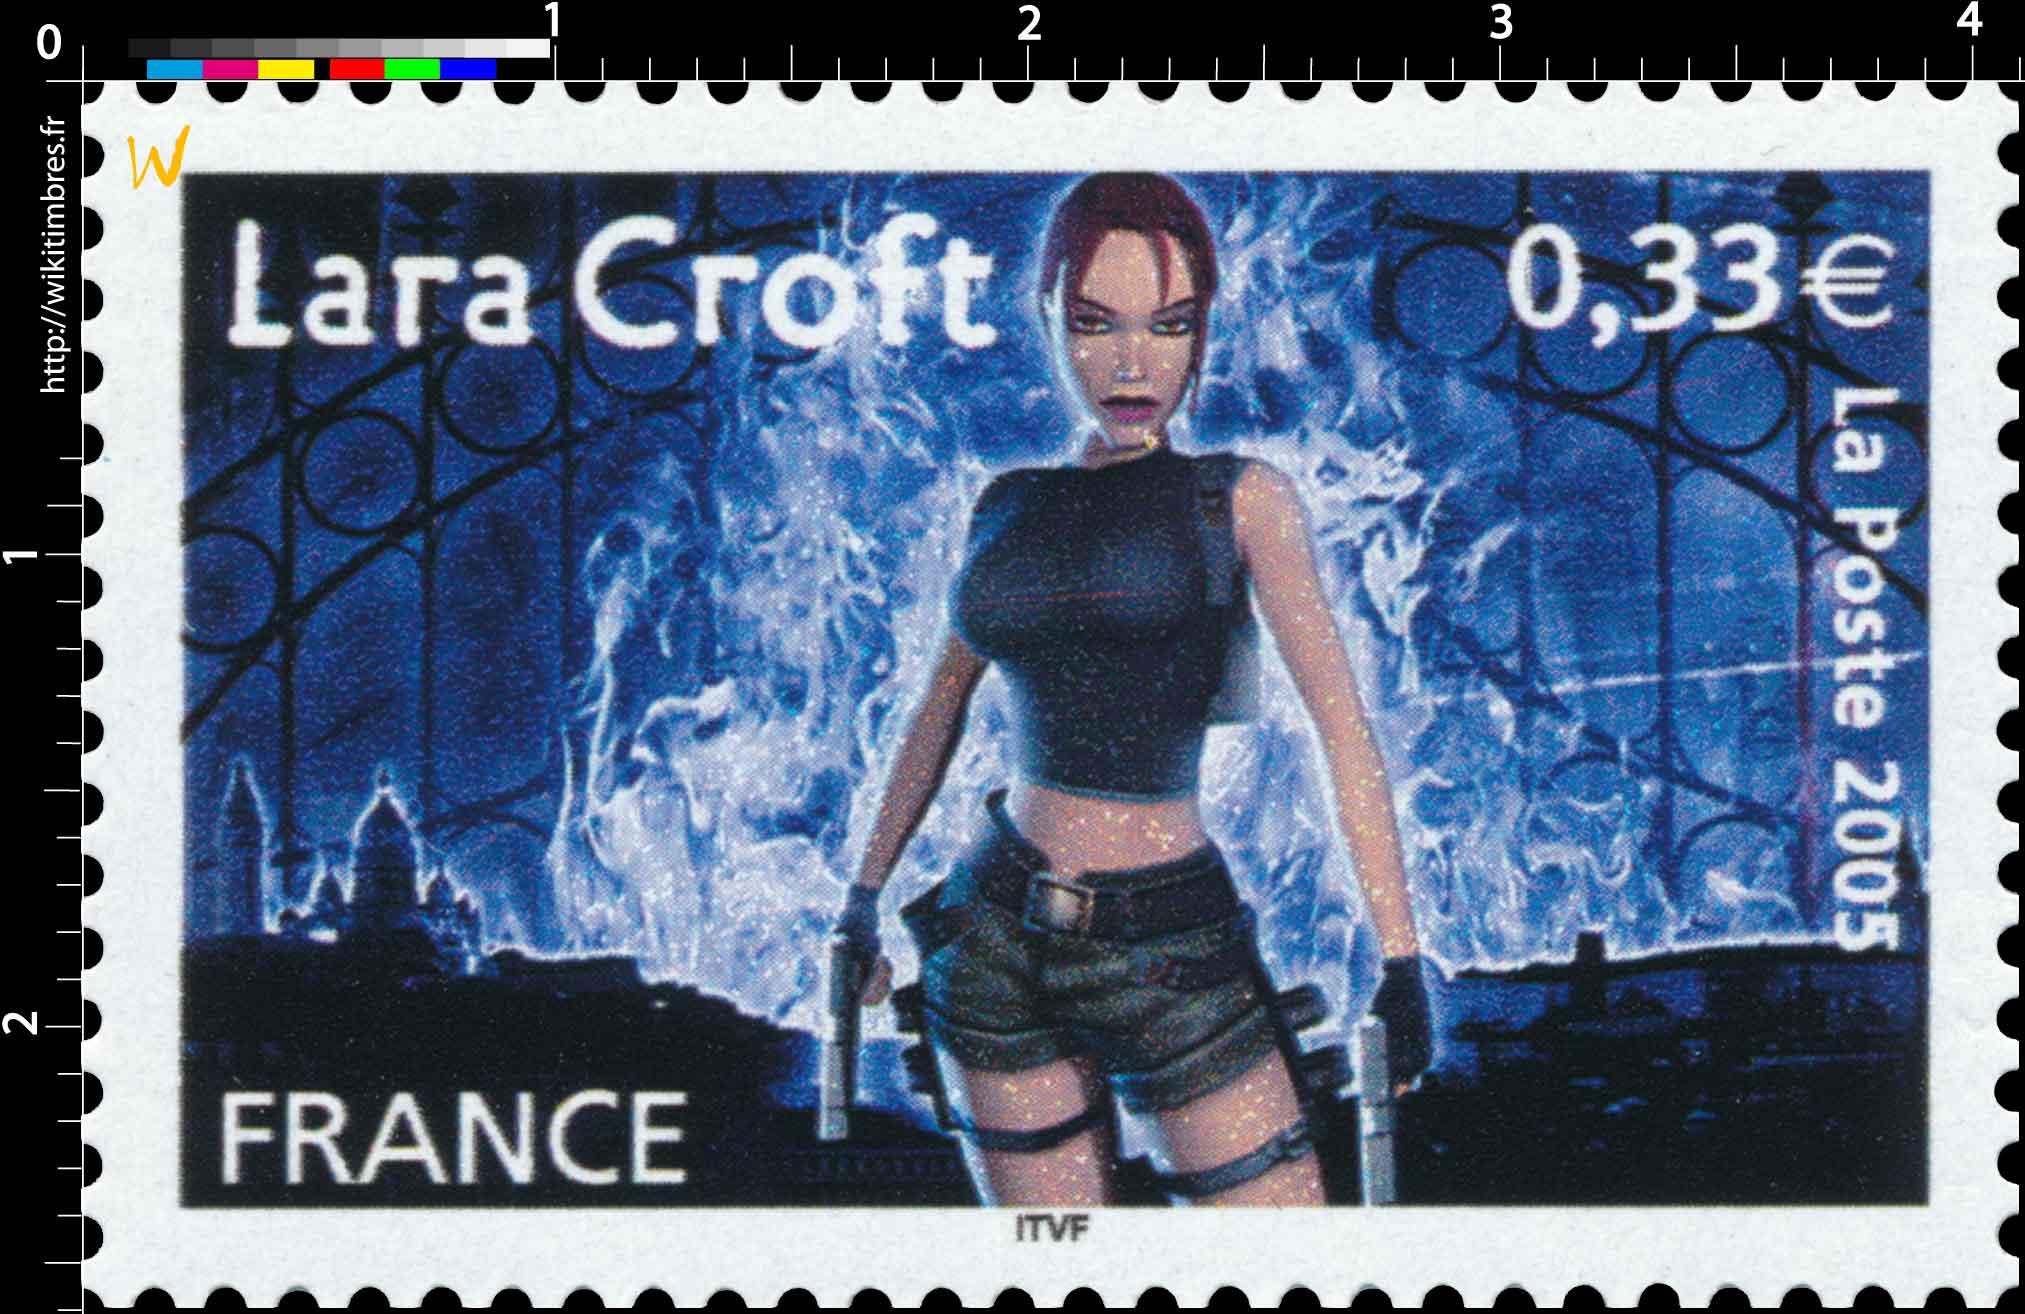 2005 Lara Croft